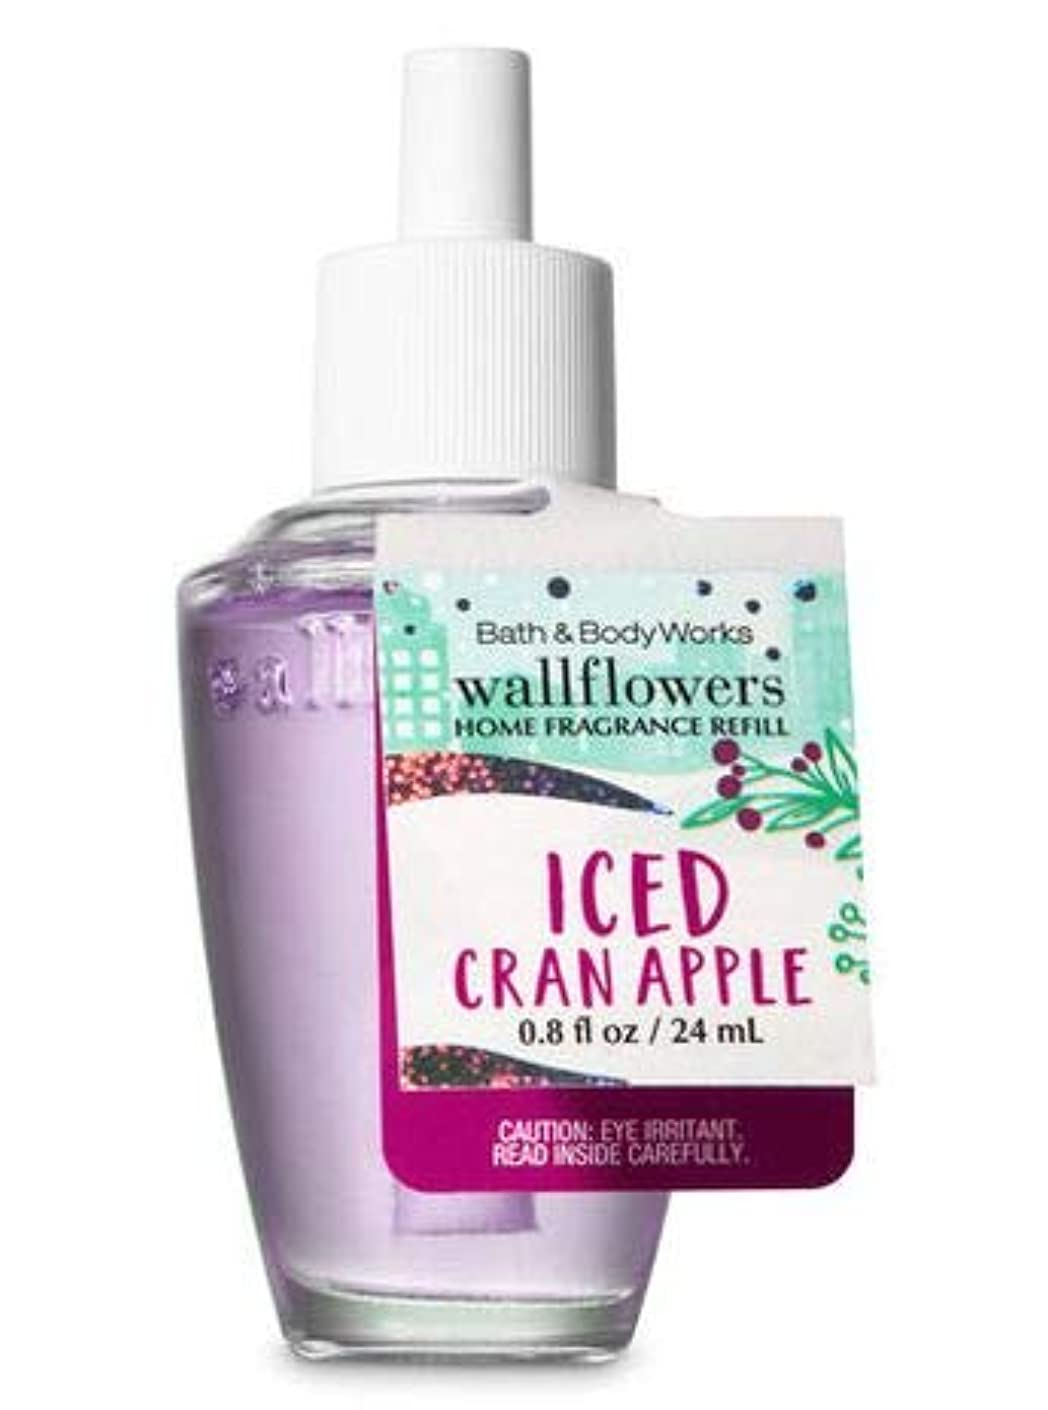 起こる縫う協力的【Bath&Body Works/バス&ボディワークス】 ルームフレグランス 詰替えリフィル アイスドクランベリーアップル Wallflowers Home Fragrance Refill Iced Cranberry Apple [並行輸入品]